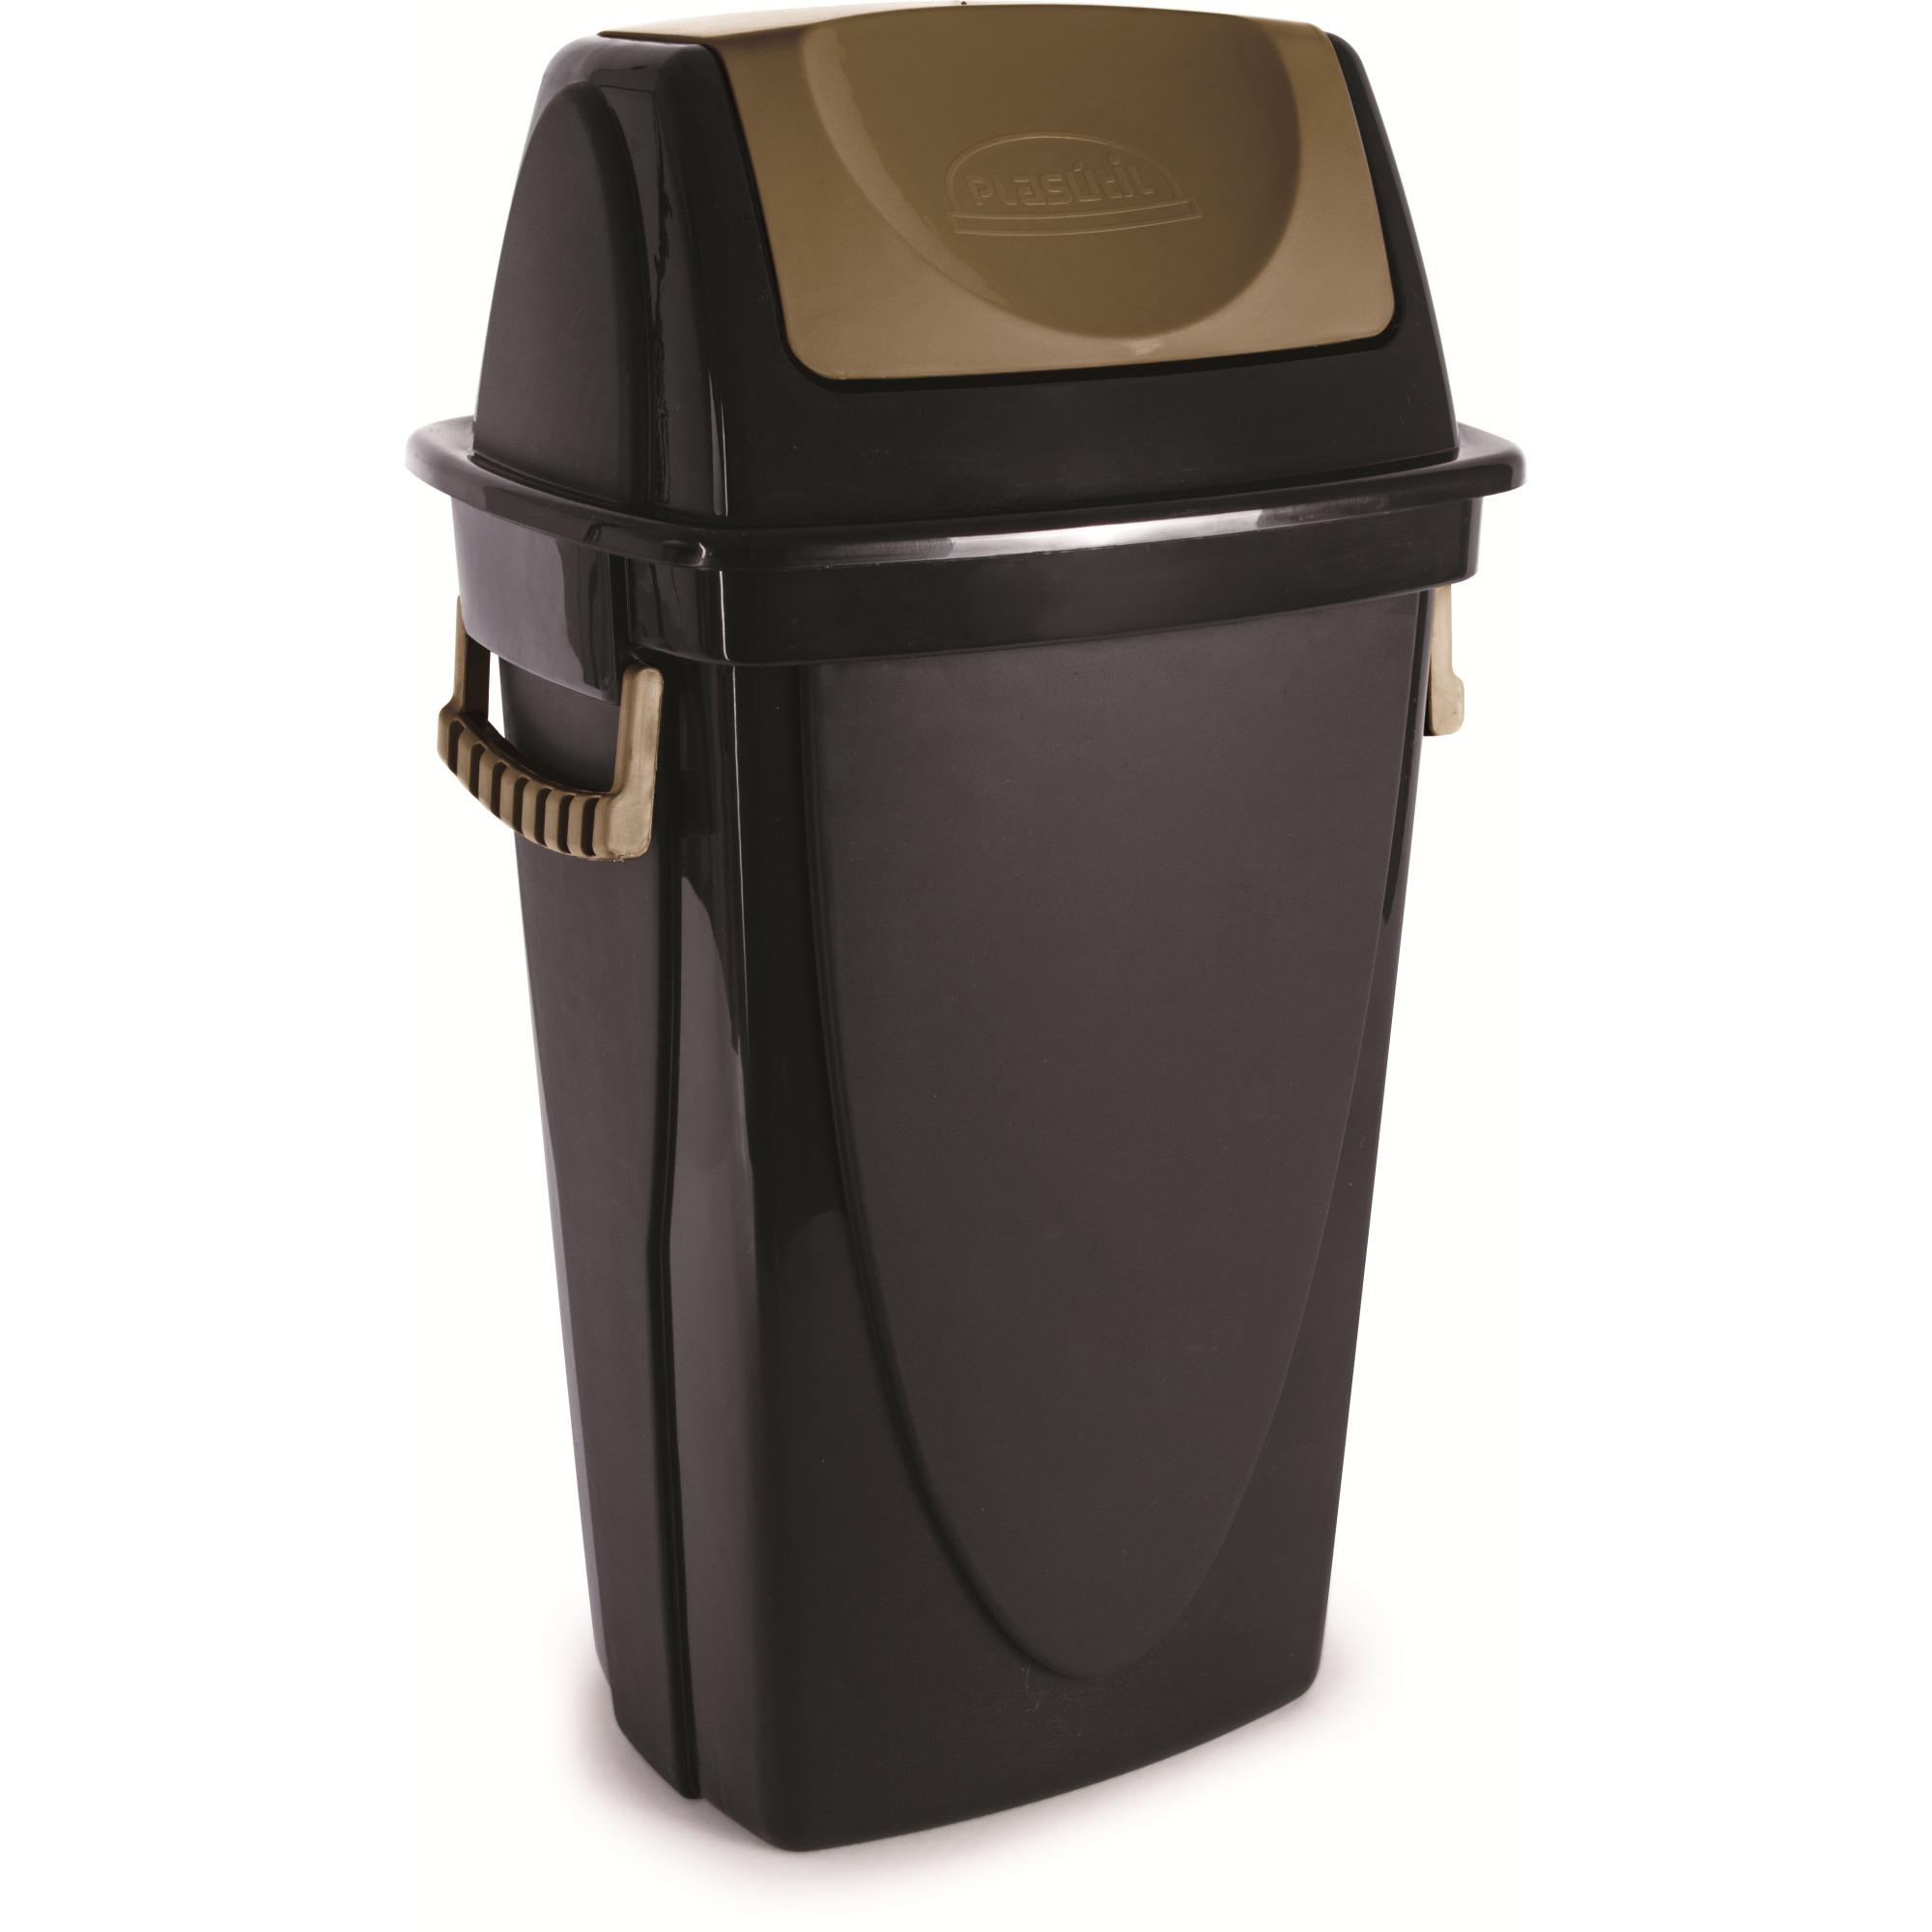 Lixeira Basculante de Plastico 580L Ecoblack 3475 - Plasutil